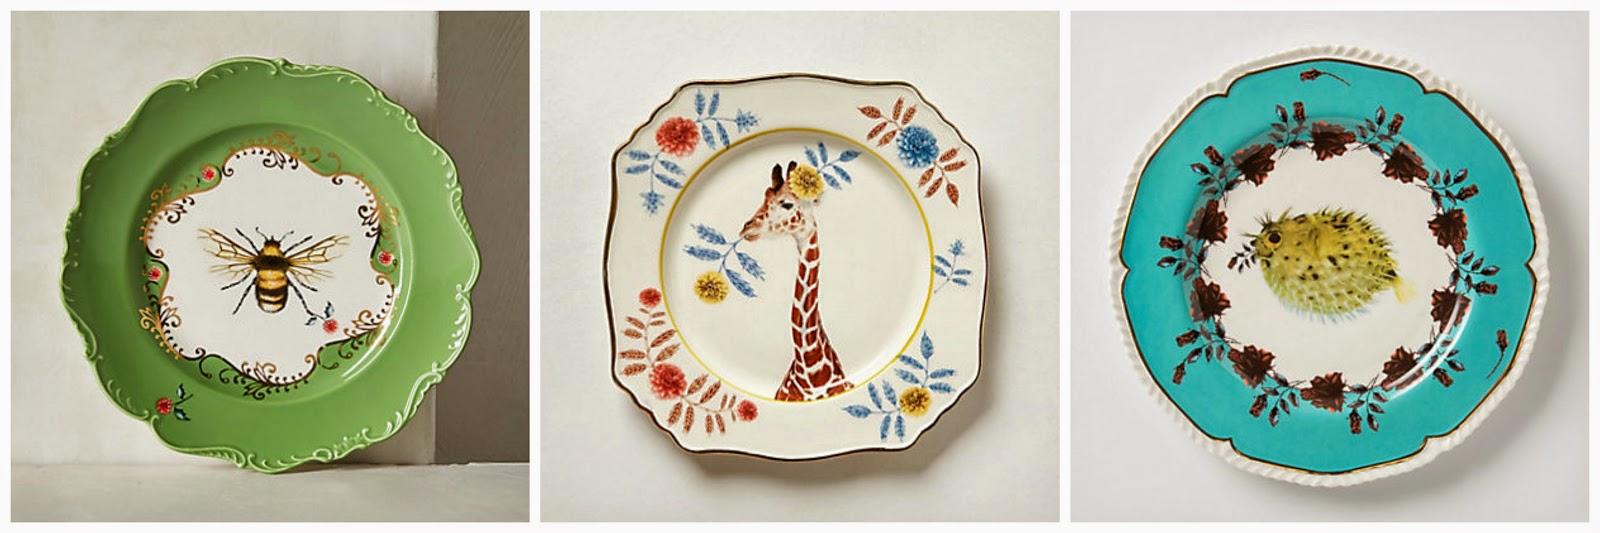 bee plate, giraffe plate, animal bone china,